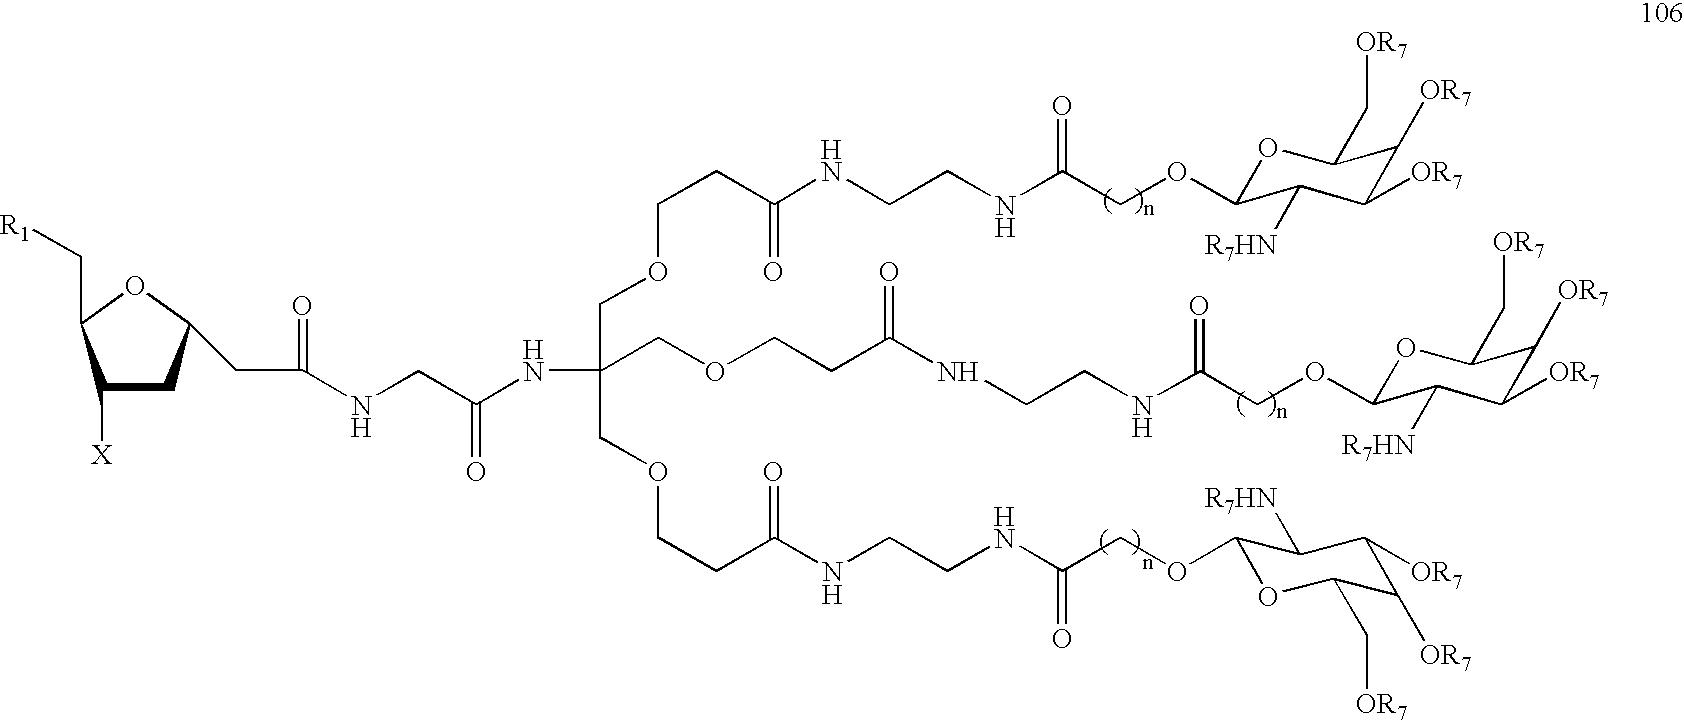 Figure US20050020525A1-20050127-C00062